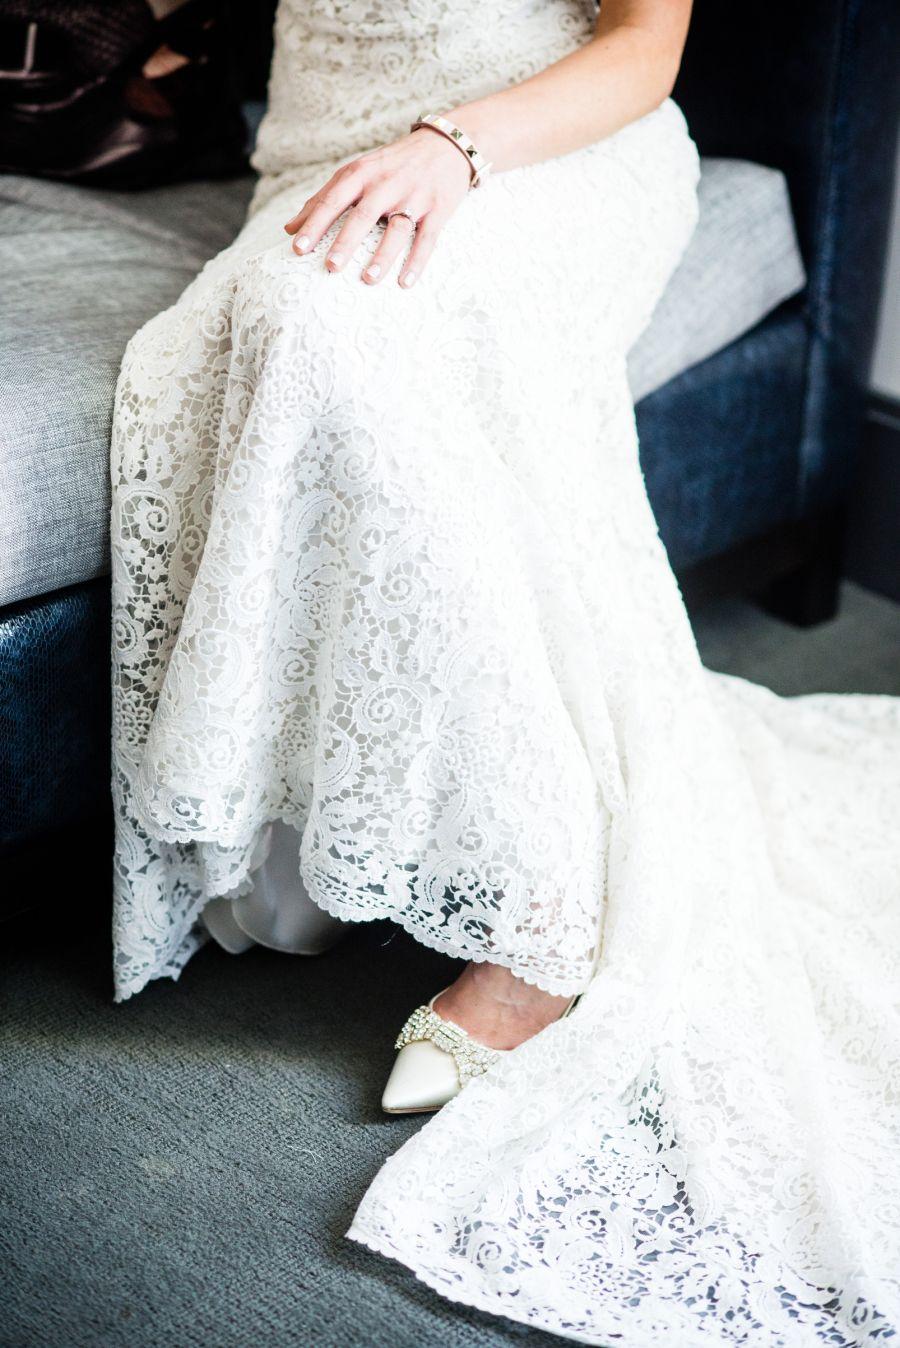 Gorgeous, lace gown | Photography: W Studios New York - wstudiosnewyork.com